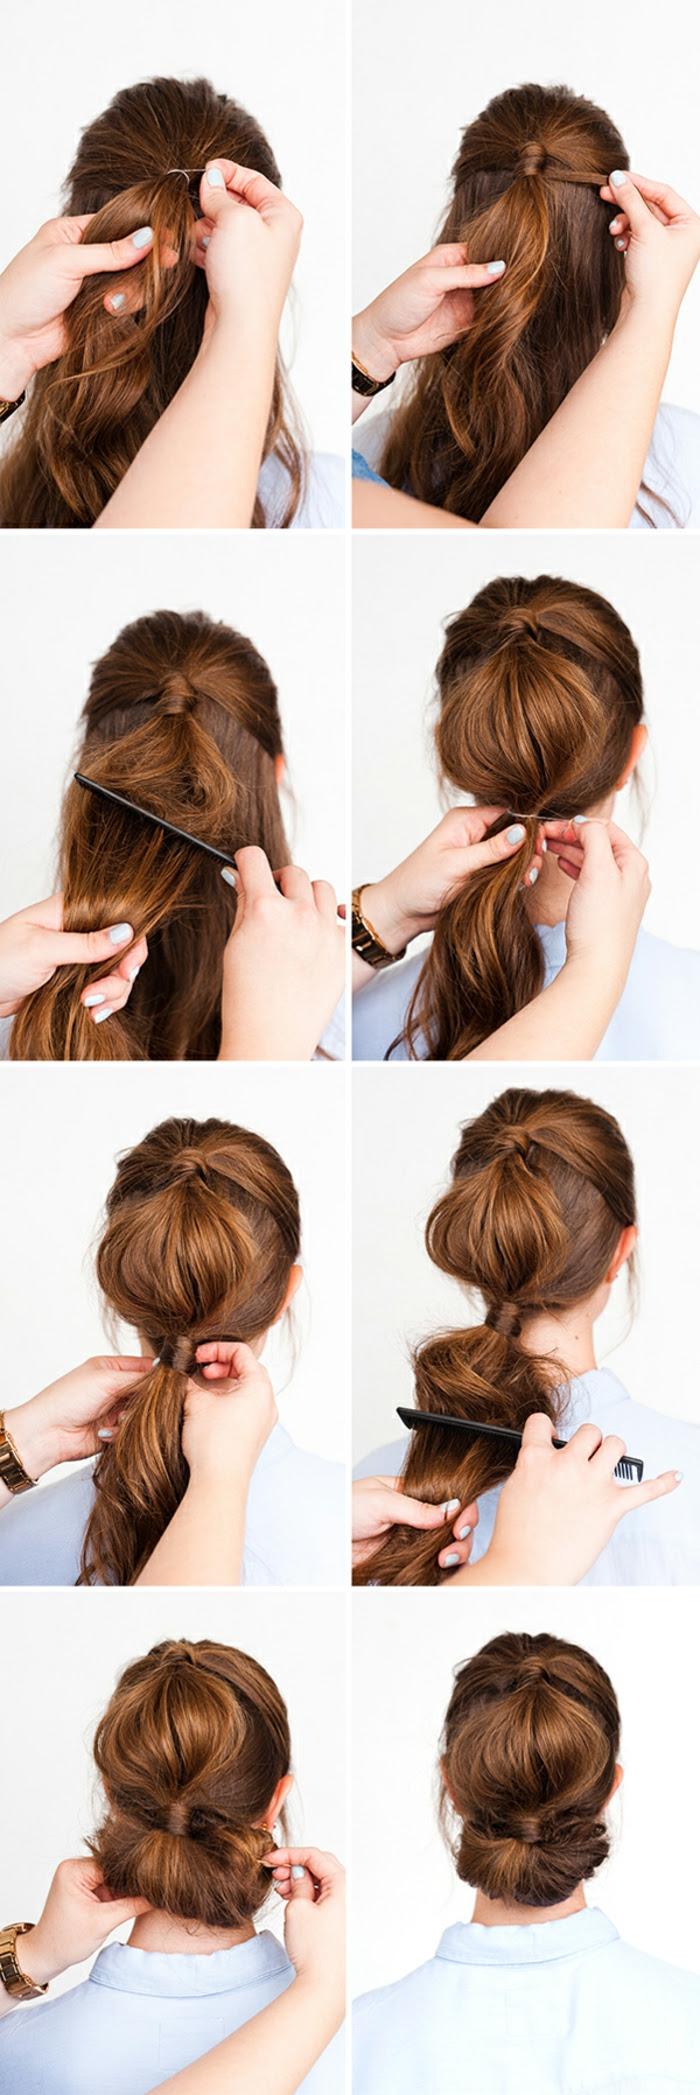 Festliche Kurzhaarfrisuren Festliche Frisuren Lange Haare